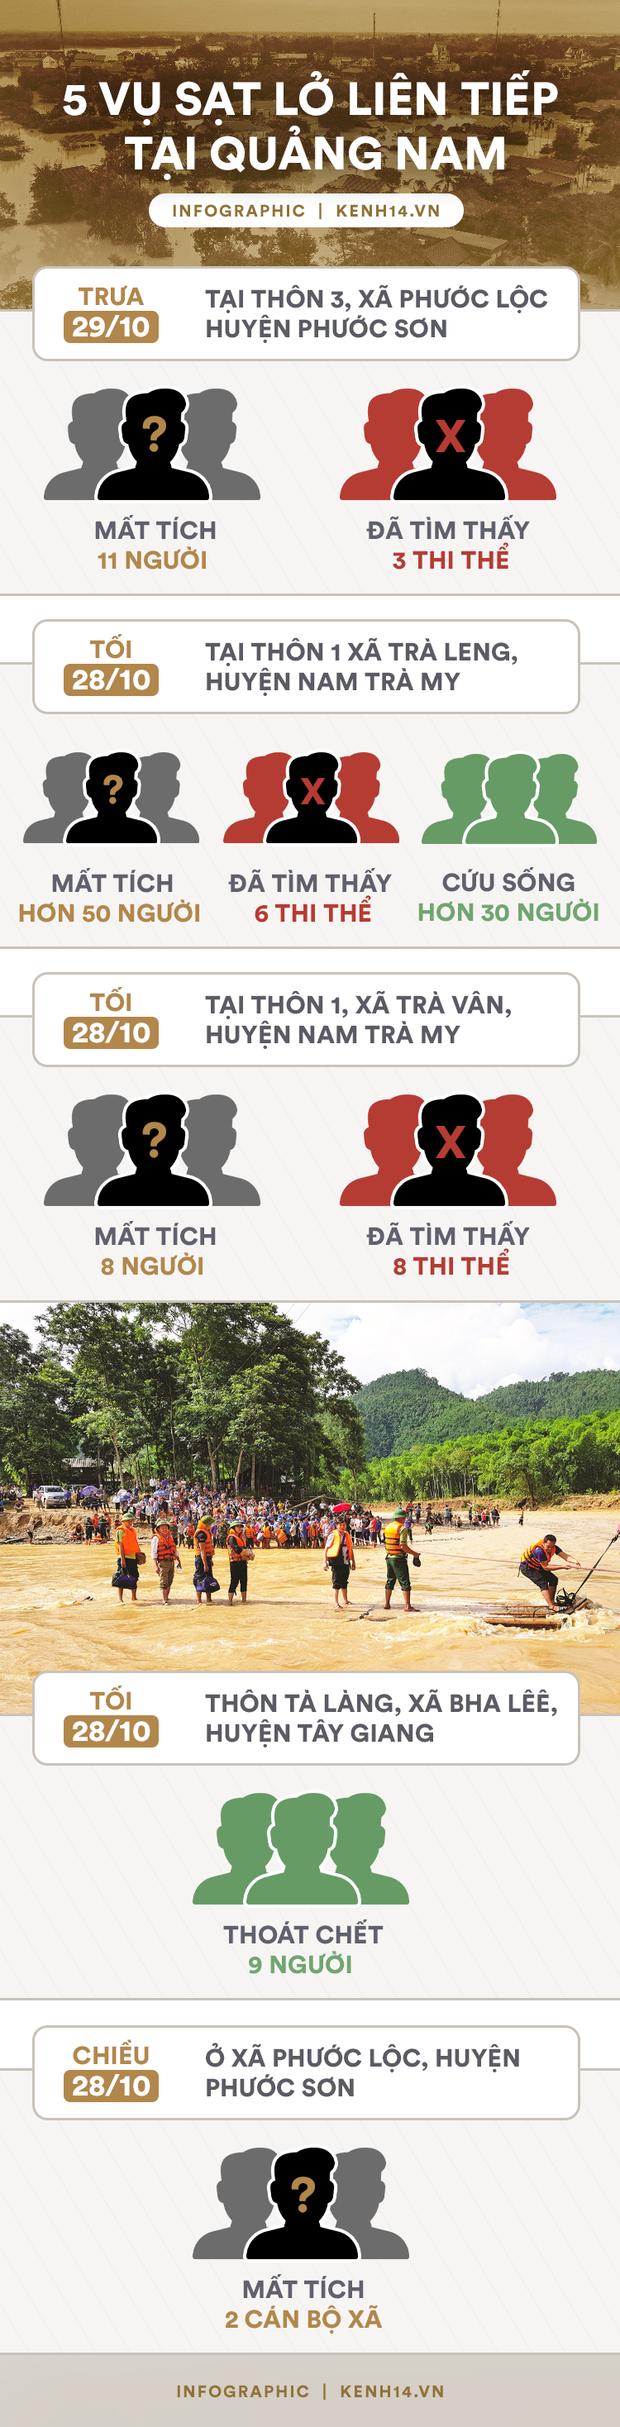 Infographic: Chỉ trong 2 ngày, 5 vụ sạt lở xảy ra liên tiếp khiến gần 20 người chết, nhiều người mất tích và bị thương tại Quảng Nam - Ảnh 1.